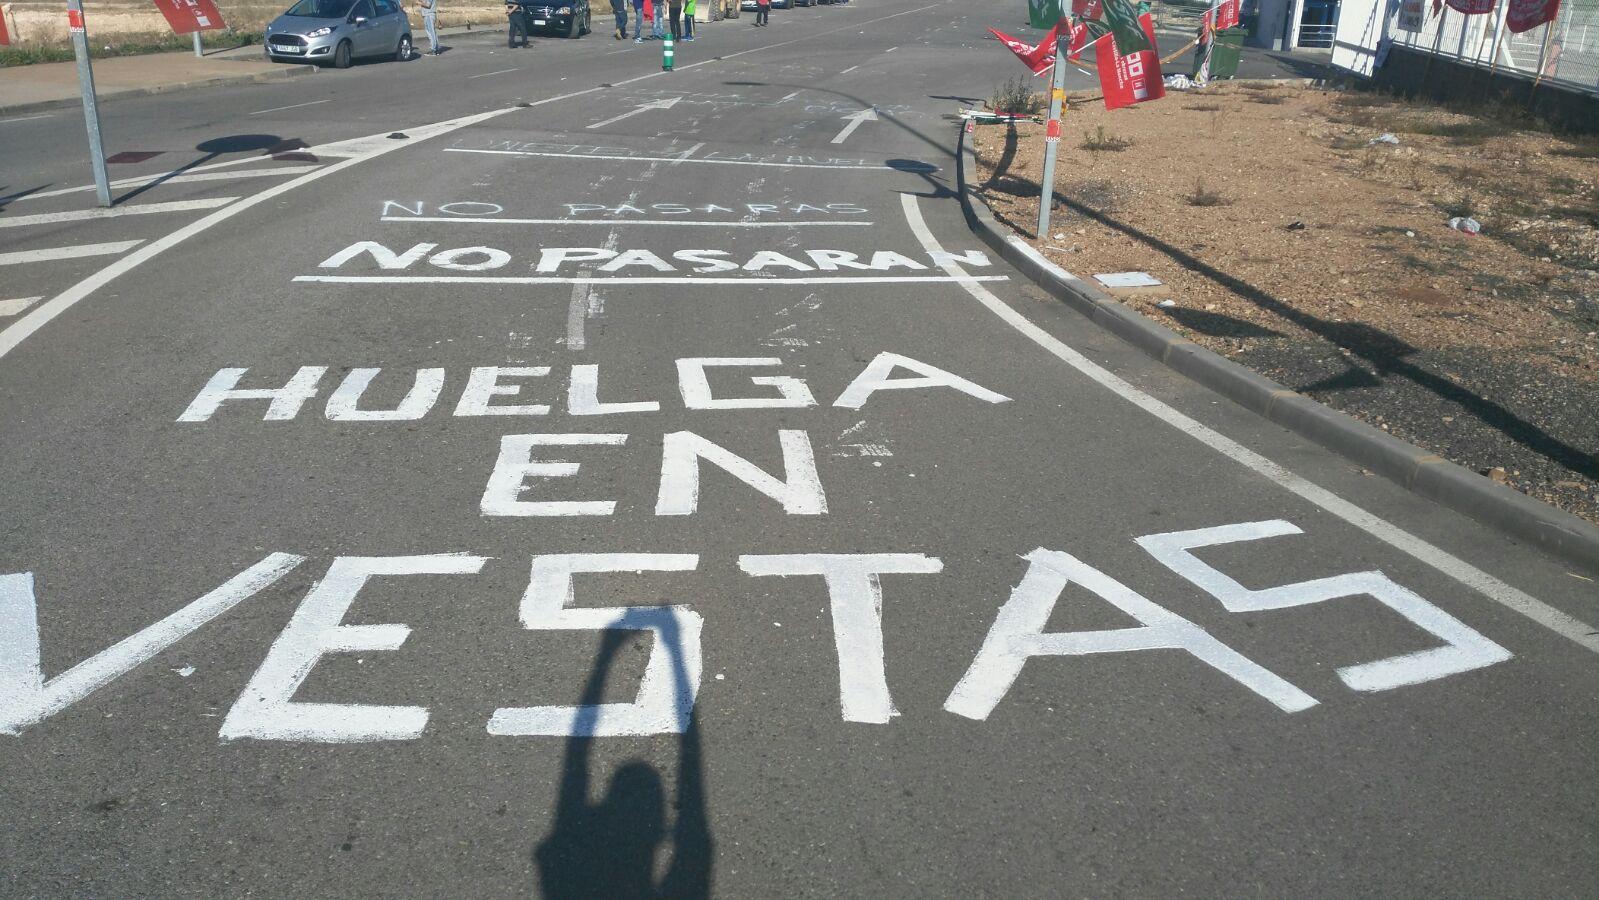 La dirección de Vestas Madrid no entiende ni cumple el código ético de la propia empresa…